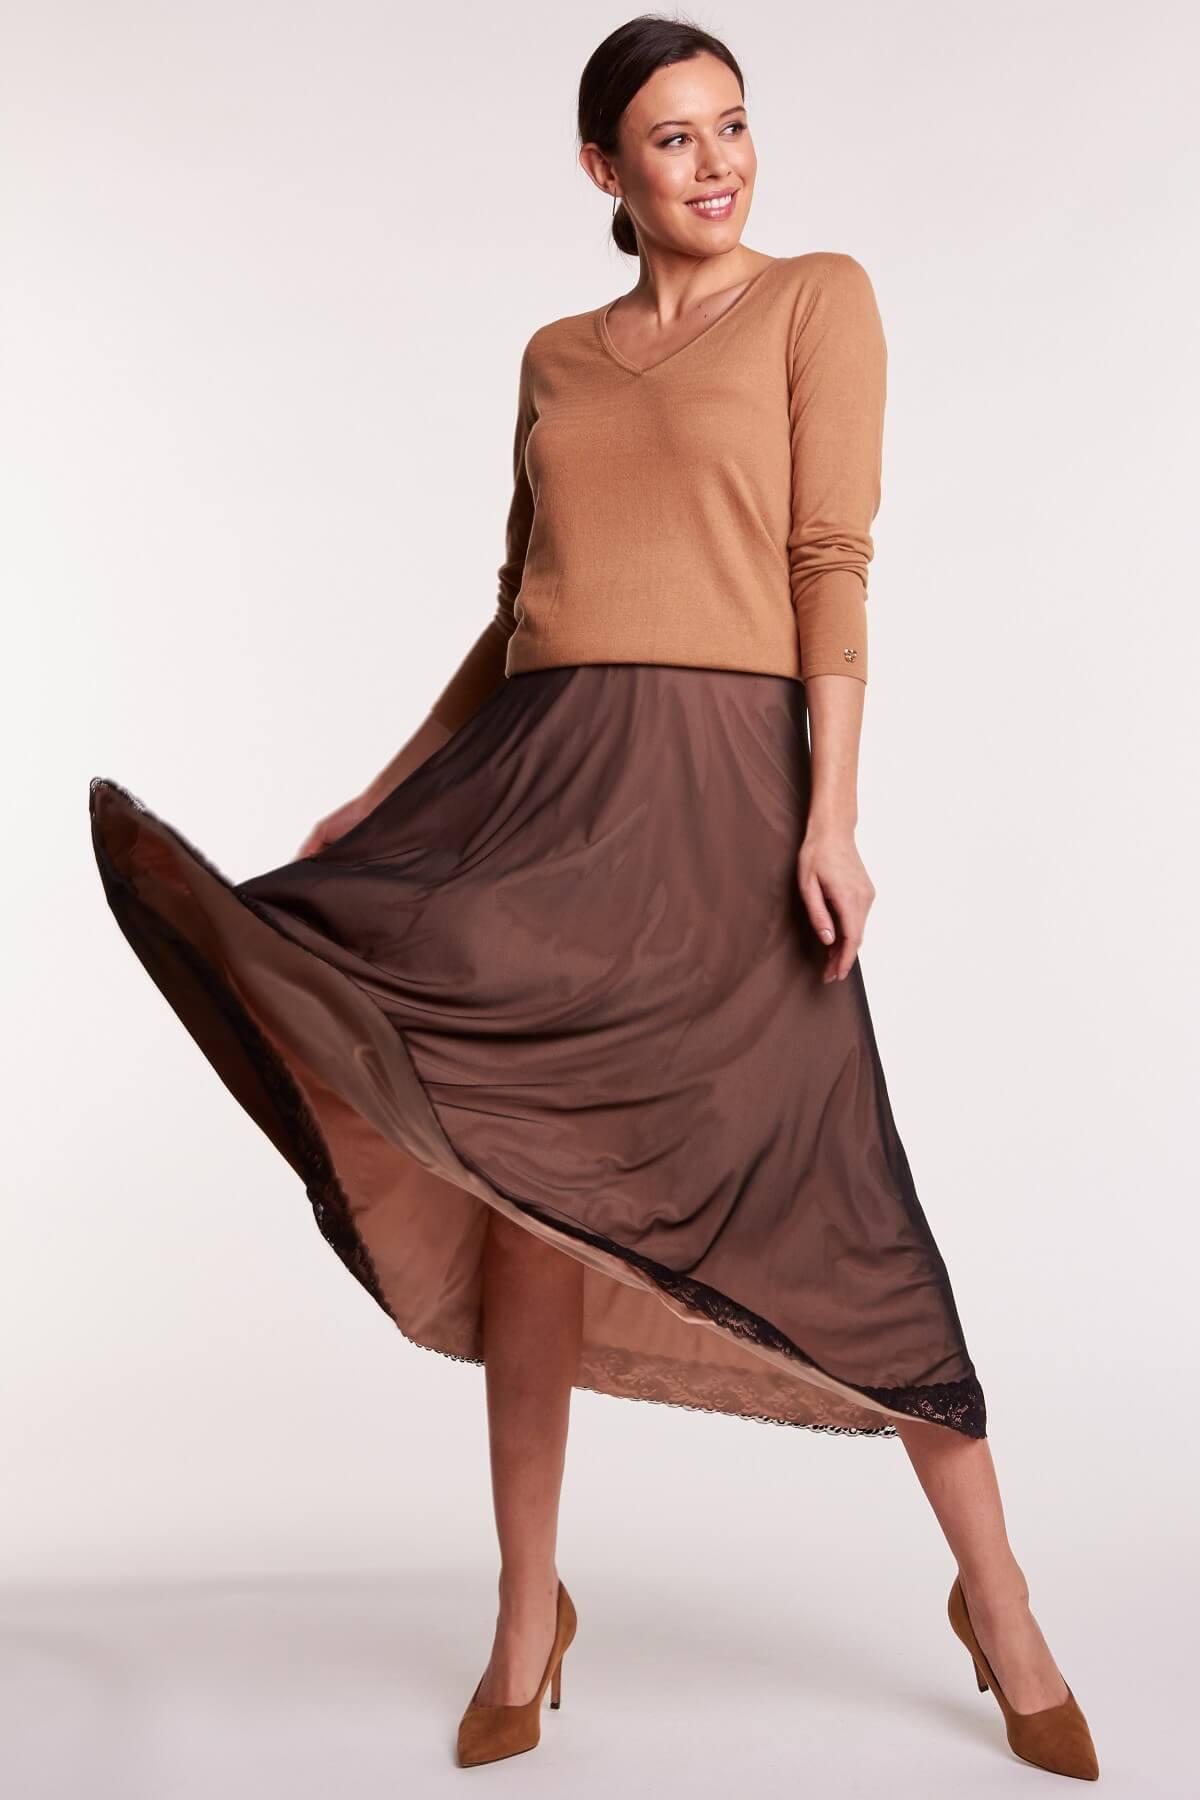 Blog How to wear it? jedwabna spódnica